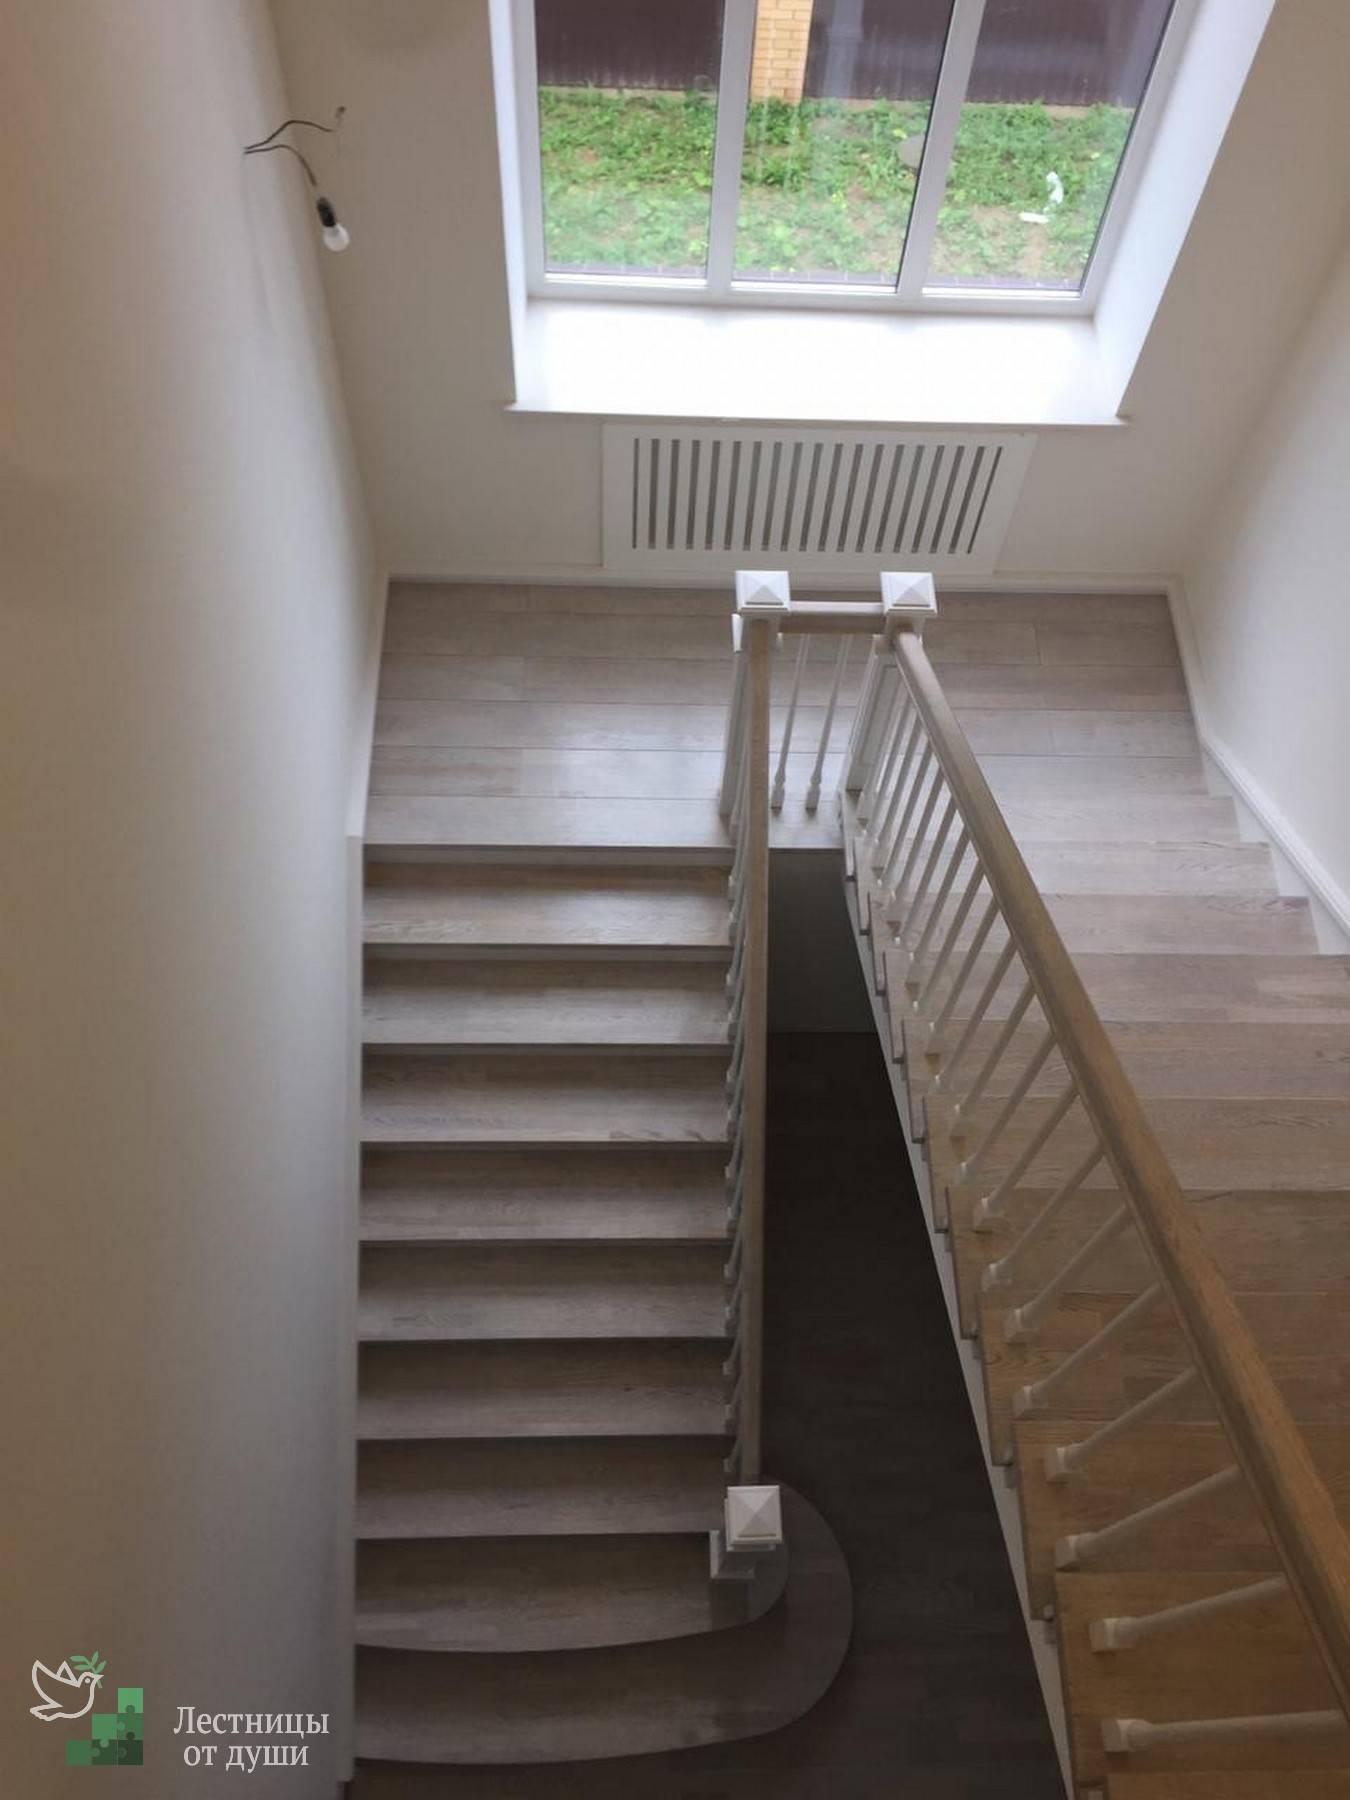 Лестницы на второй этаж в частном доме - проекты, п-образные в том числе, как выбрать и где лучше расположить + фото